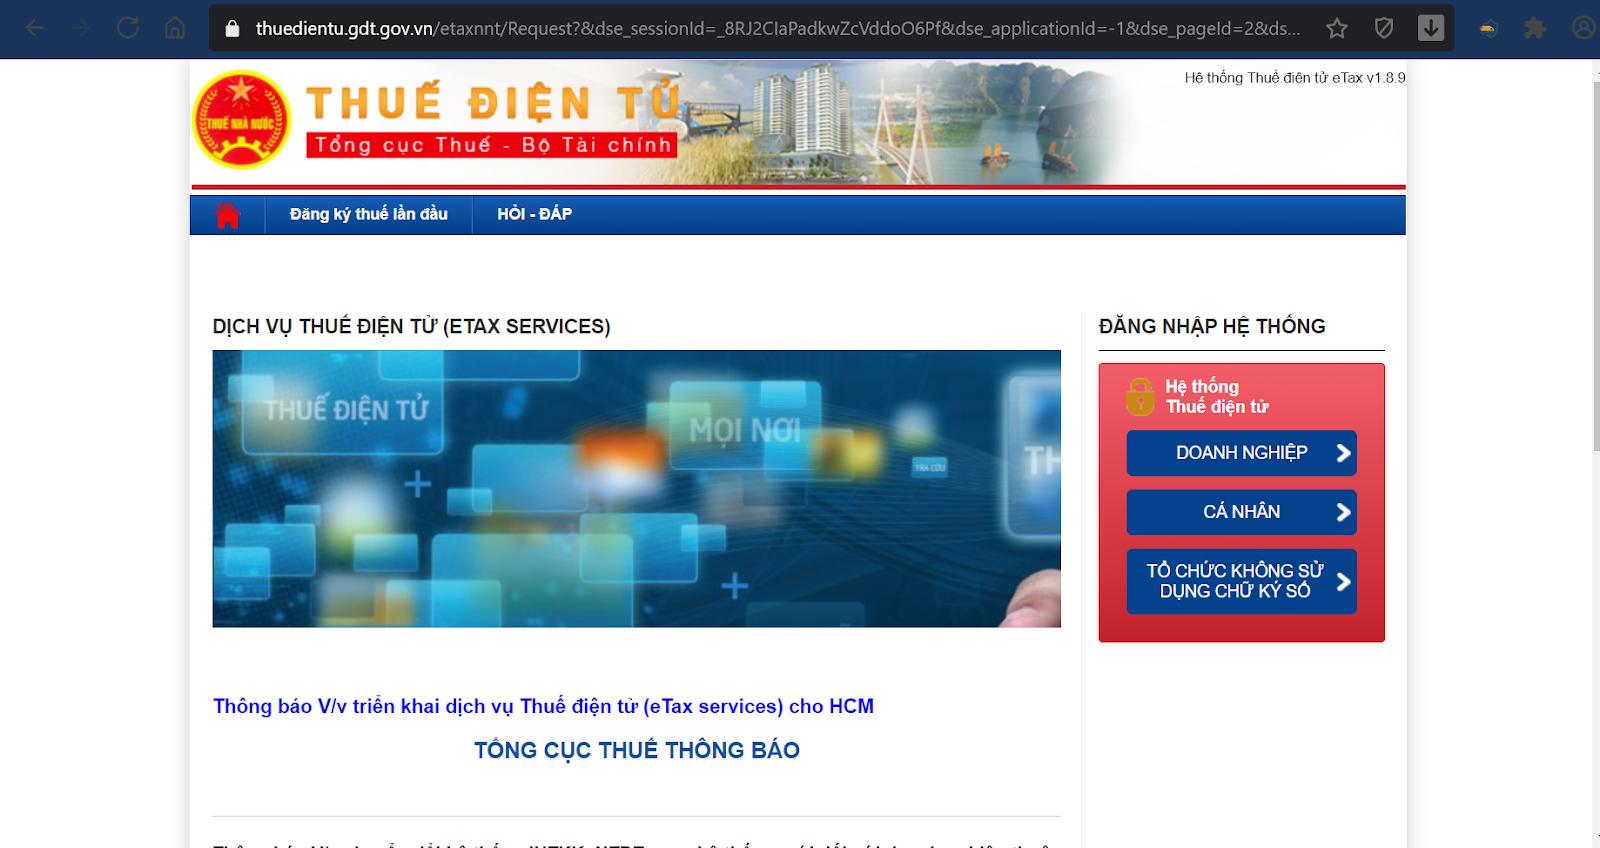 Phần mềm iHTKK online